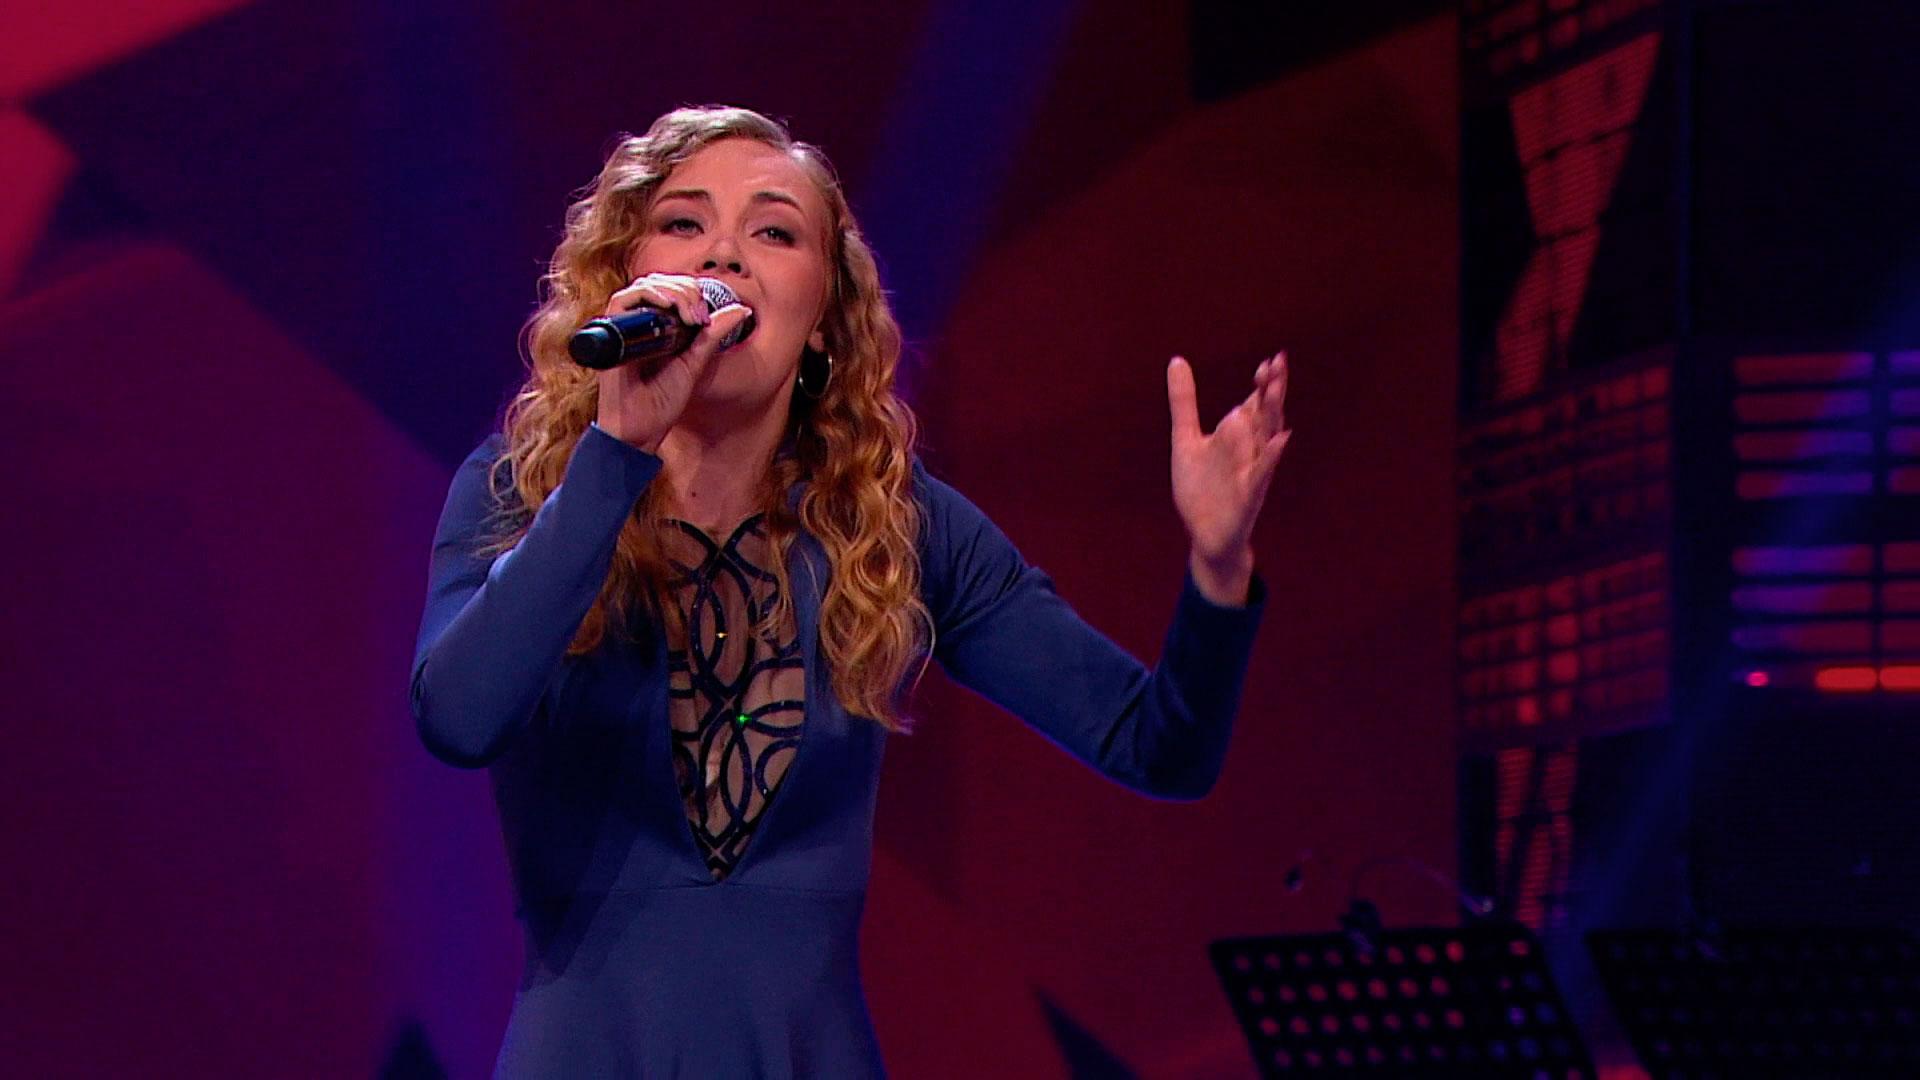 Всероссийский вокальный конкурс «Новая Звезда-2019». Отборочный этап. Восьмой выпуск